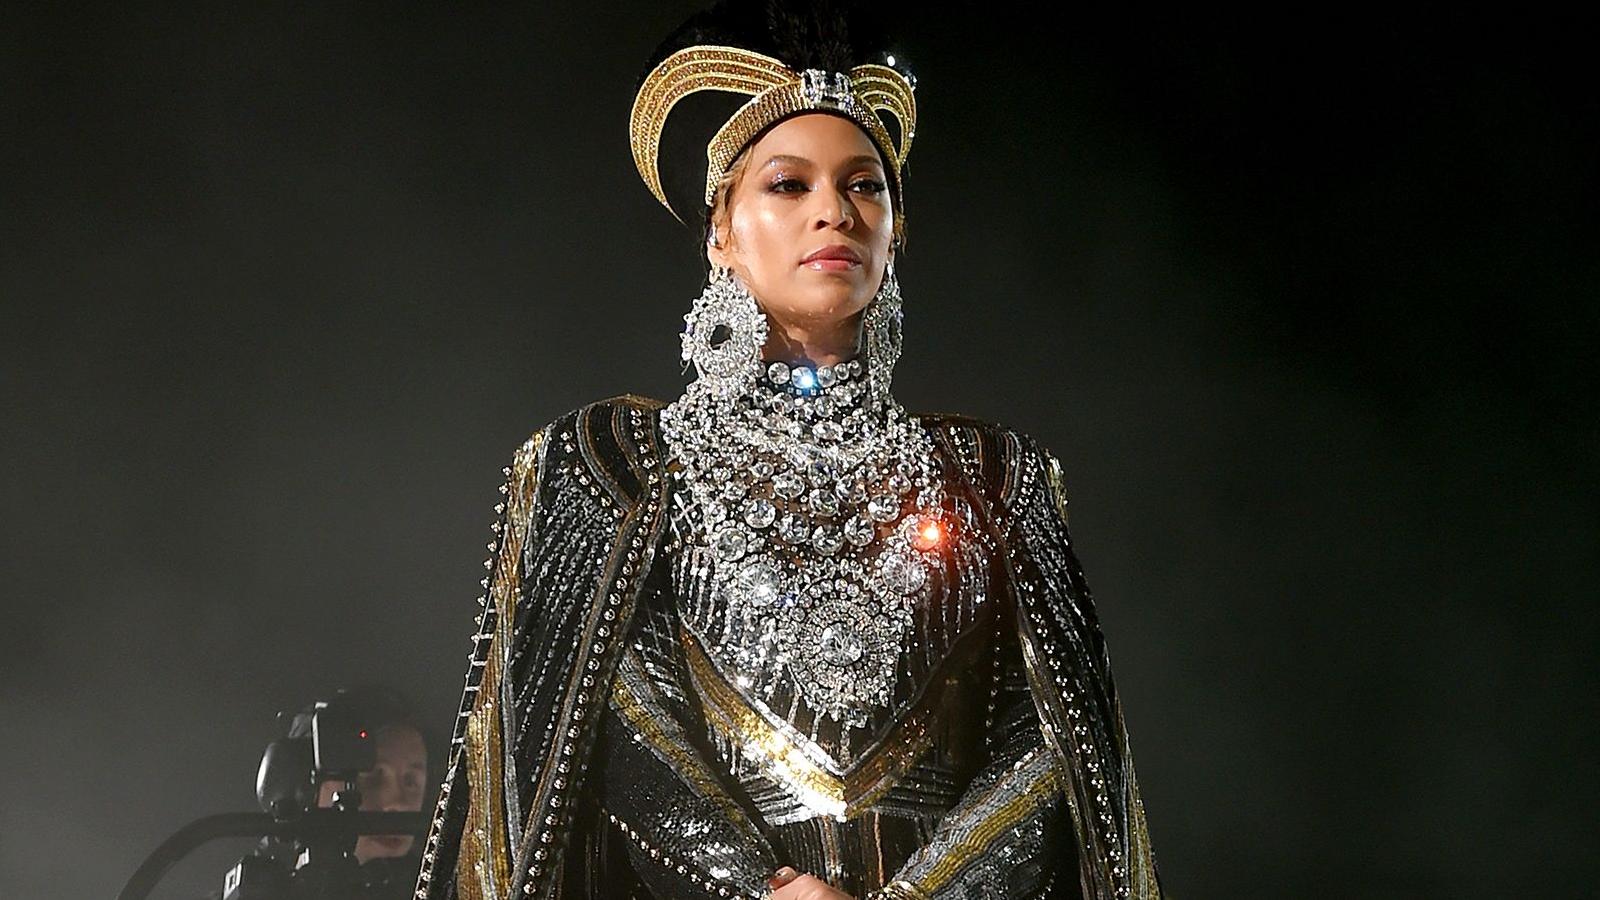 Quase um ano após um dos maiores momentos de Beyoncé e do Coachella, o que aprendemos com esse show?